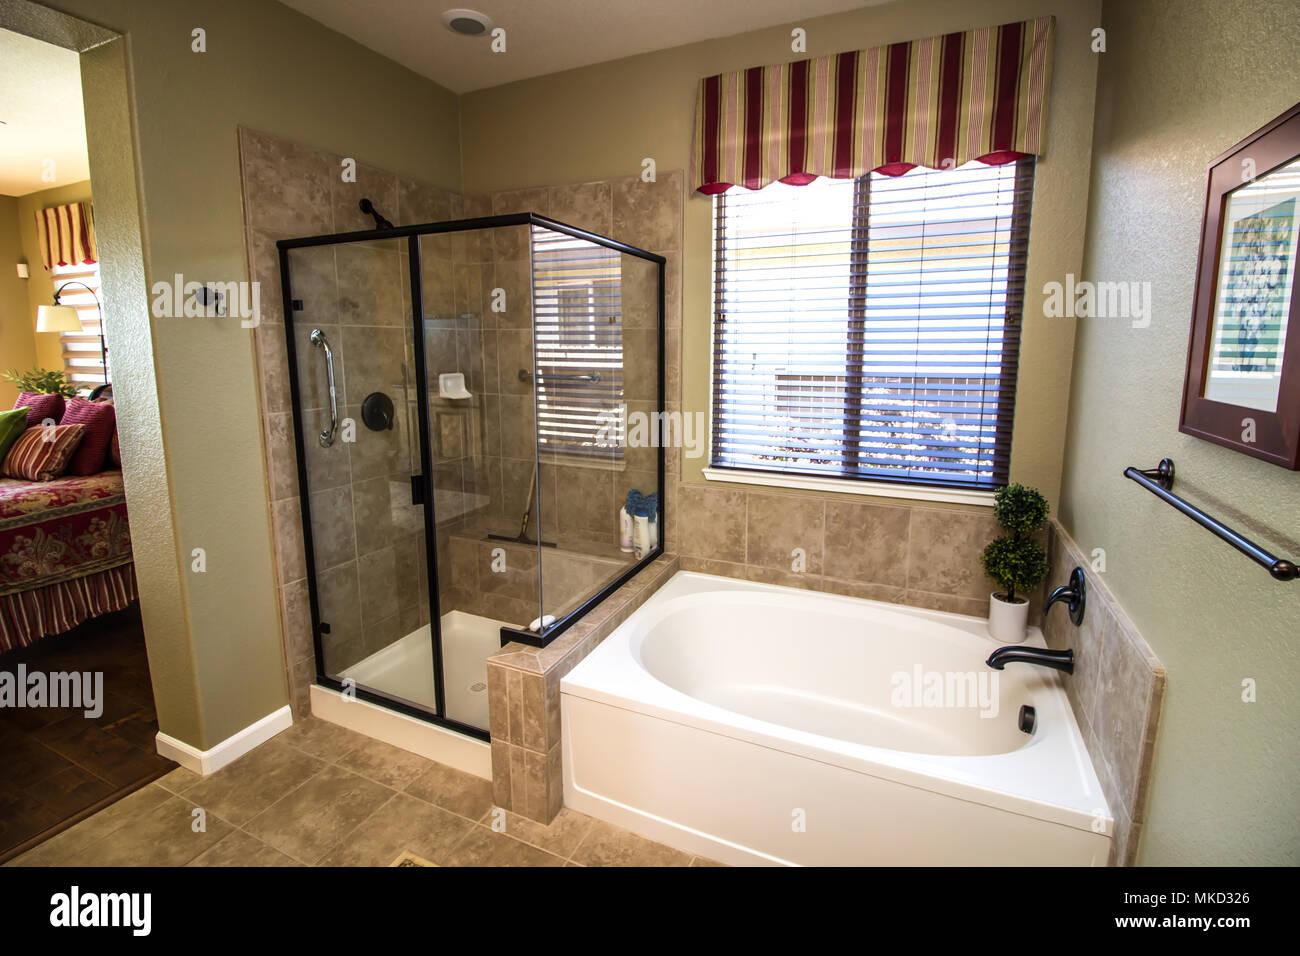 Vasche Da Bagno Moderne : Bagno moderno con doccia in vetro e vasca da bagno foto & immagine